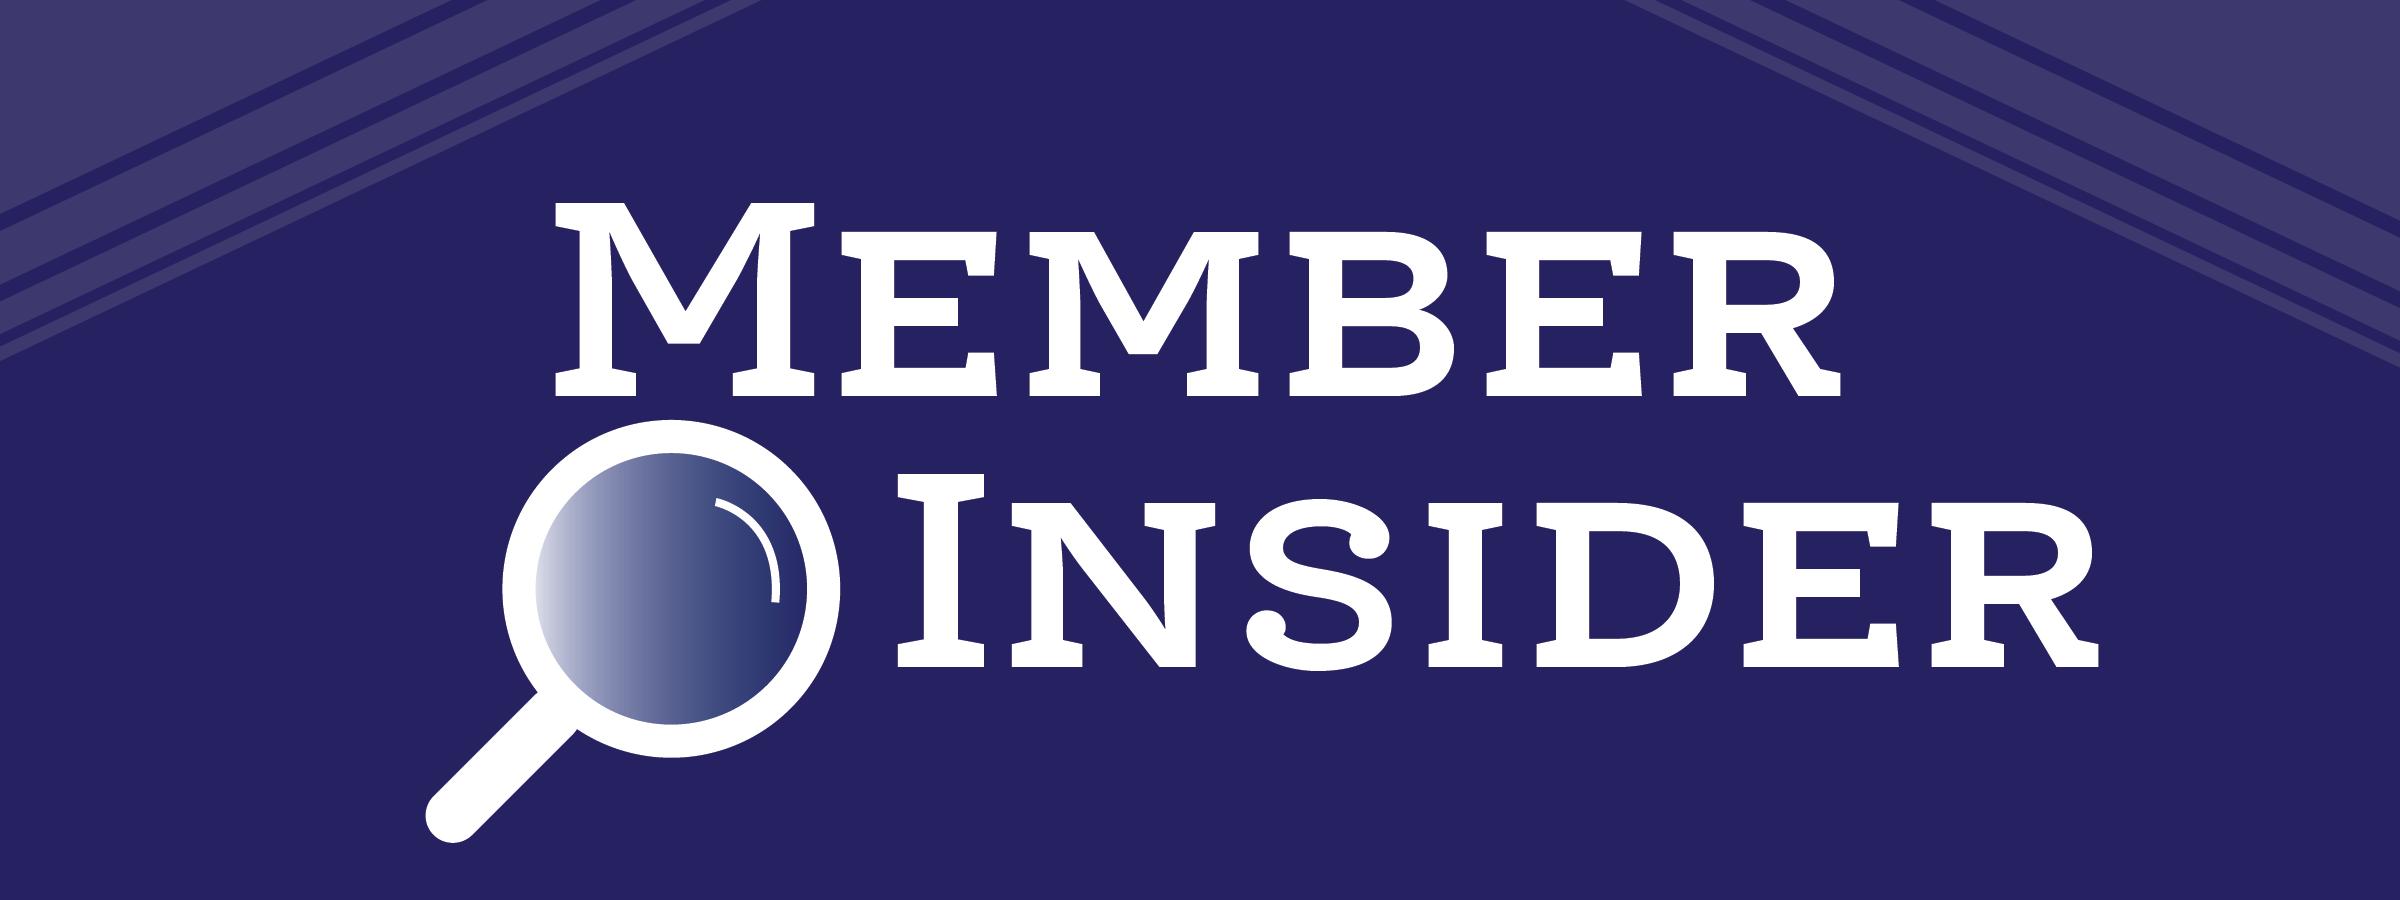 Image for Batavia Chamber Member Insider - Meet Phil Bukowski